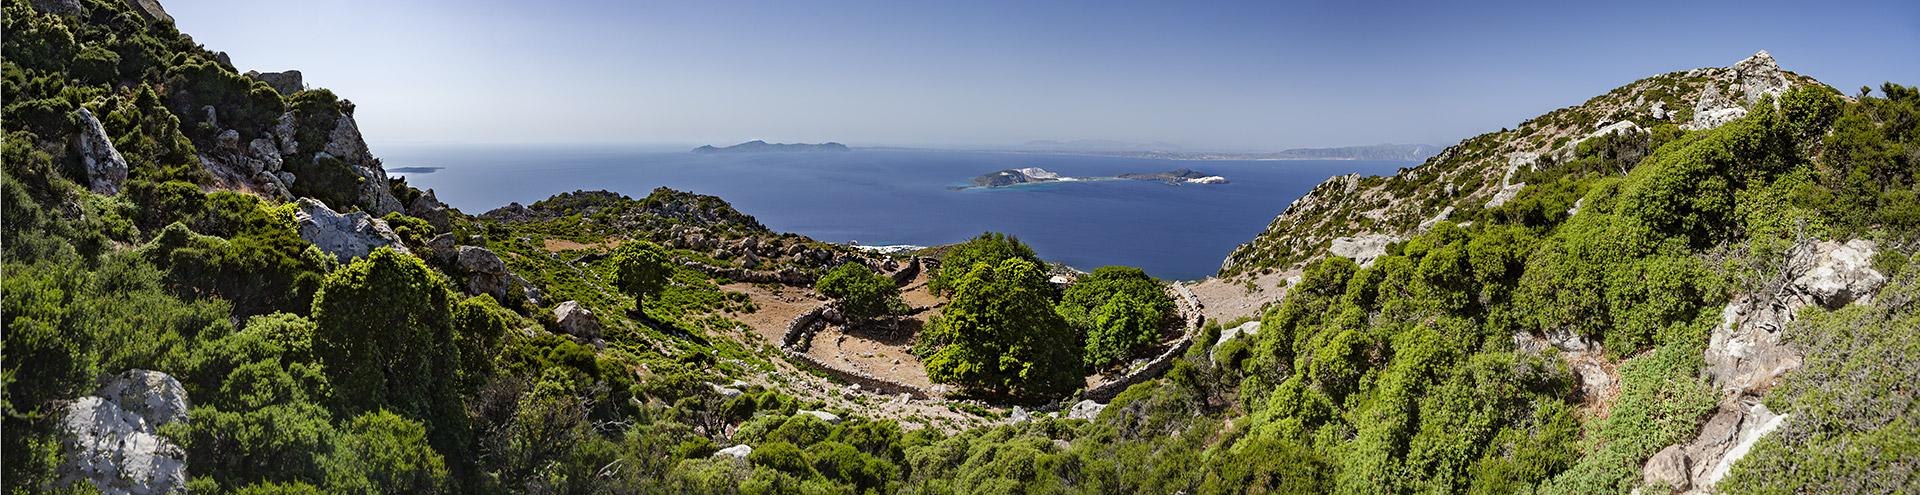 Der hängende Garten des Diavatis auf der Insel Nisyros